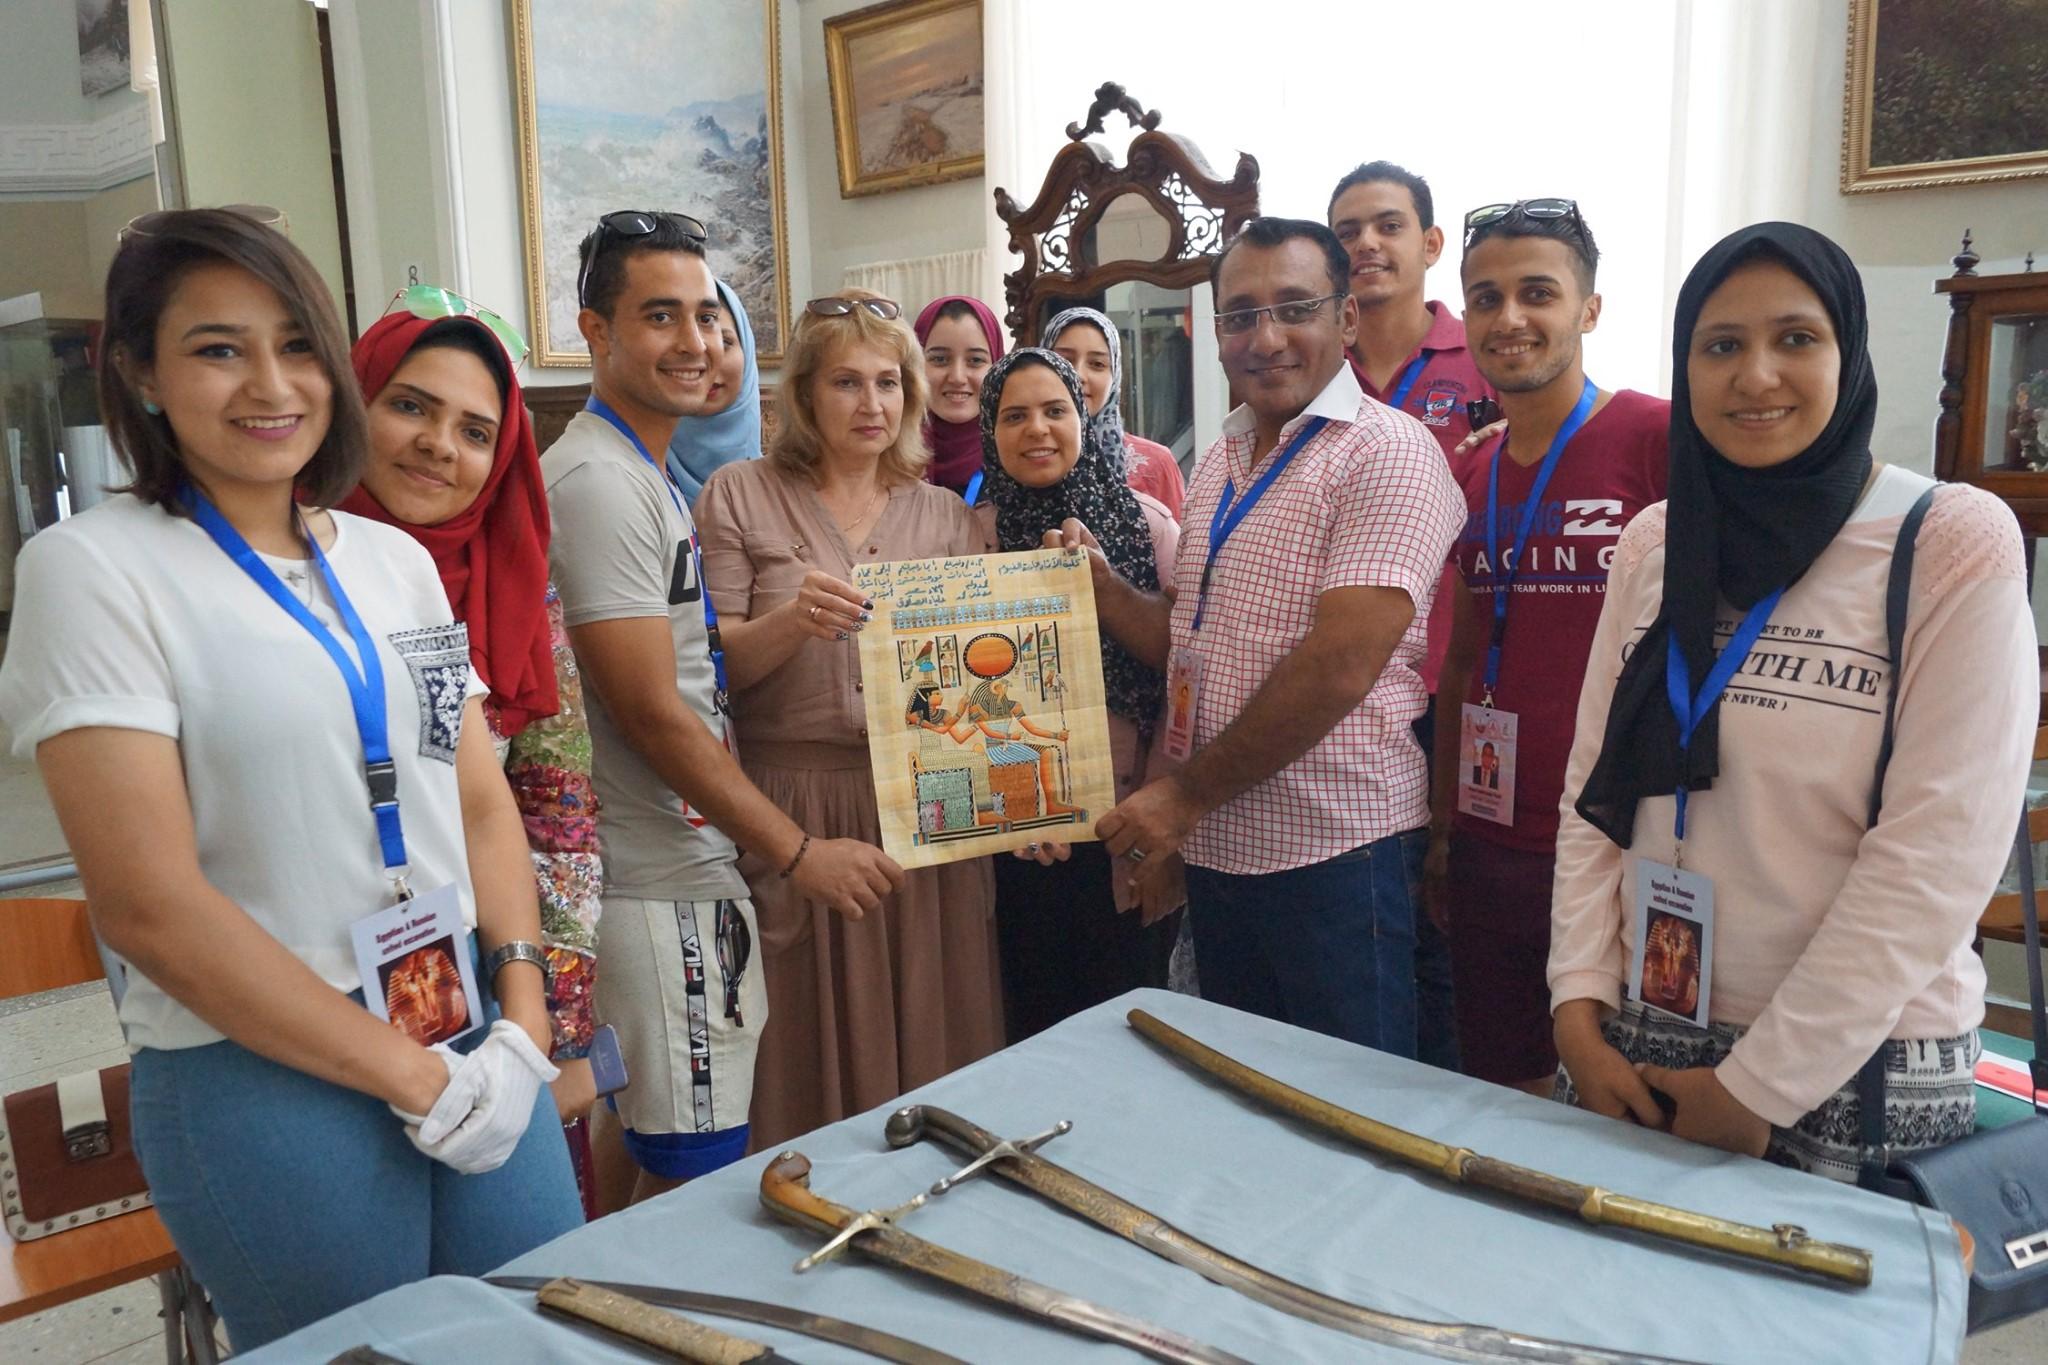 Студенты Археологического факультета Фаюмского университета (Египет) в гостях у музея